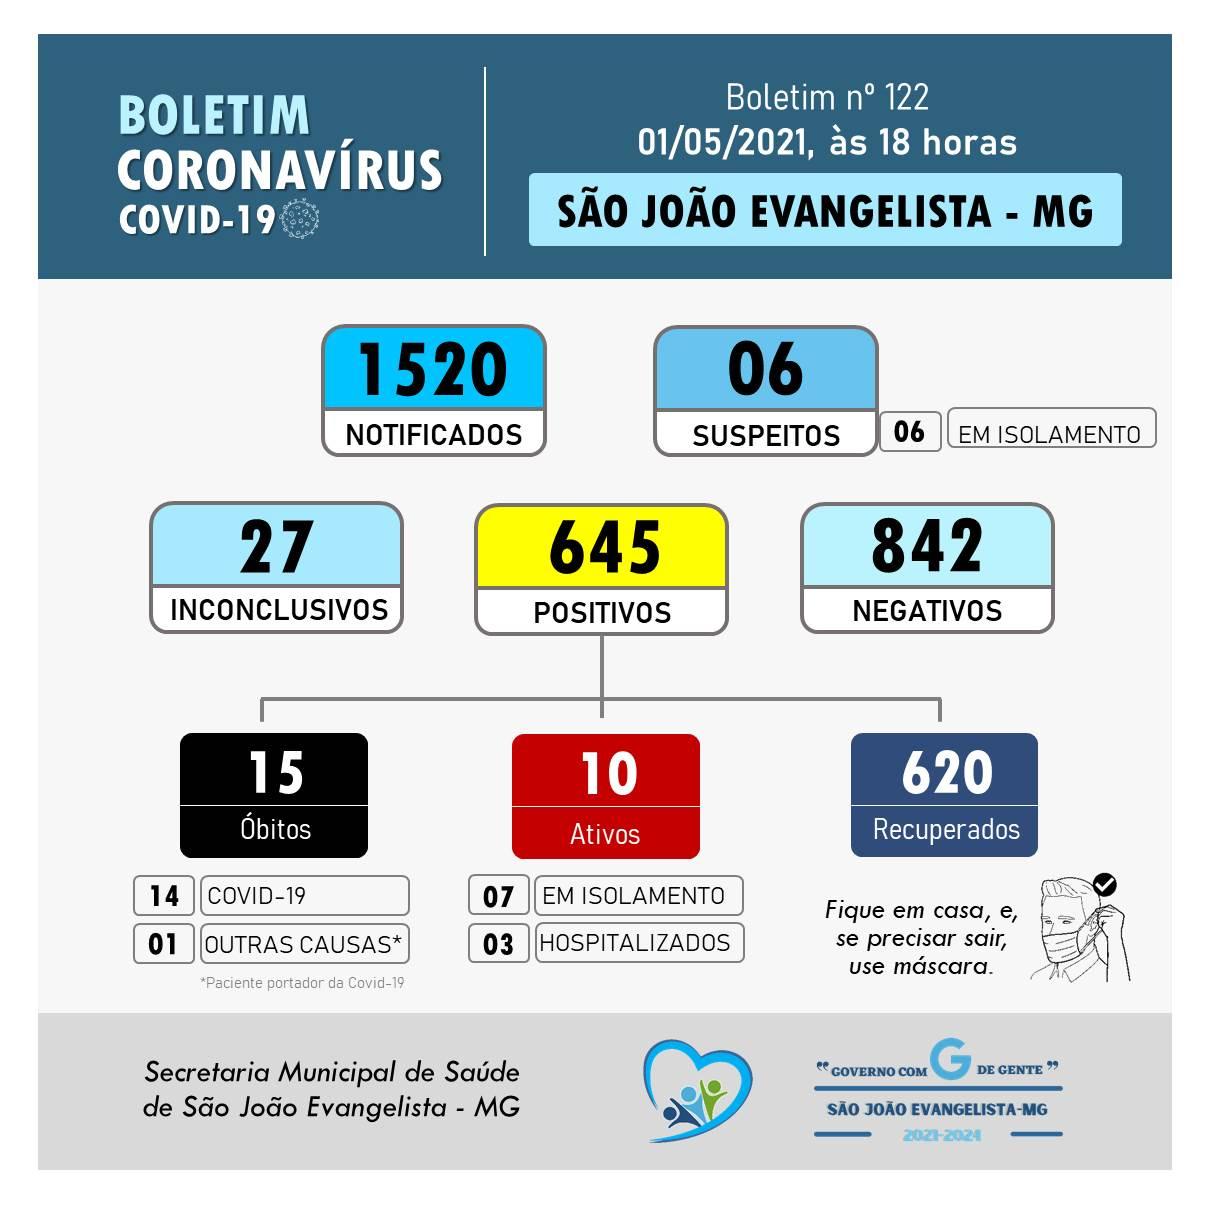 BOLETIM CORONAVÍRUS N° 122 DE 01/05/2021